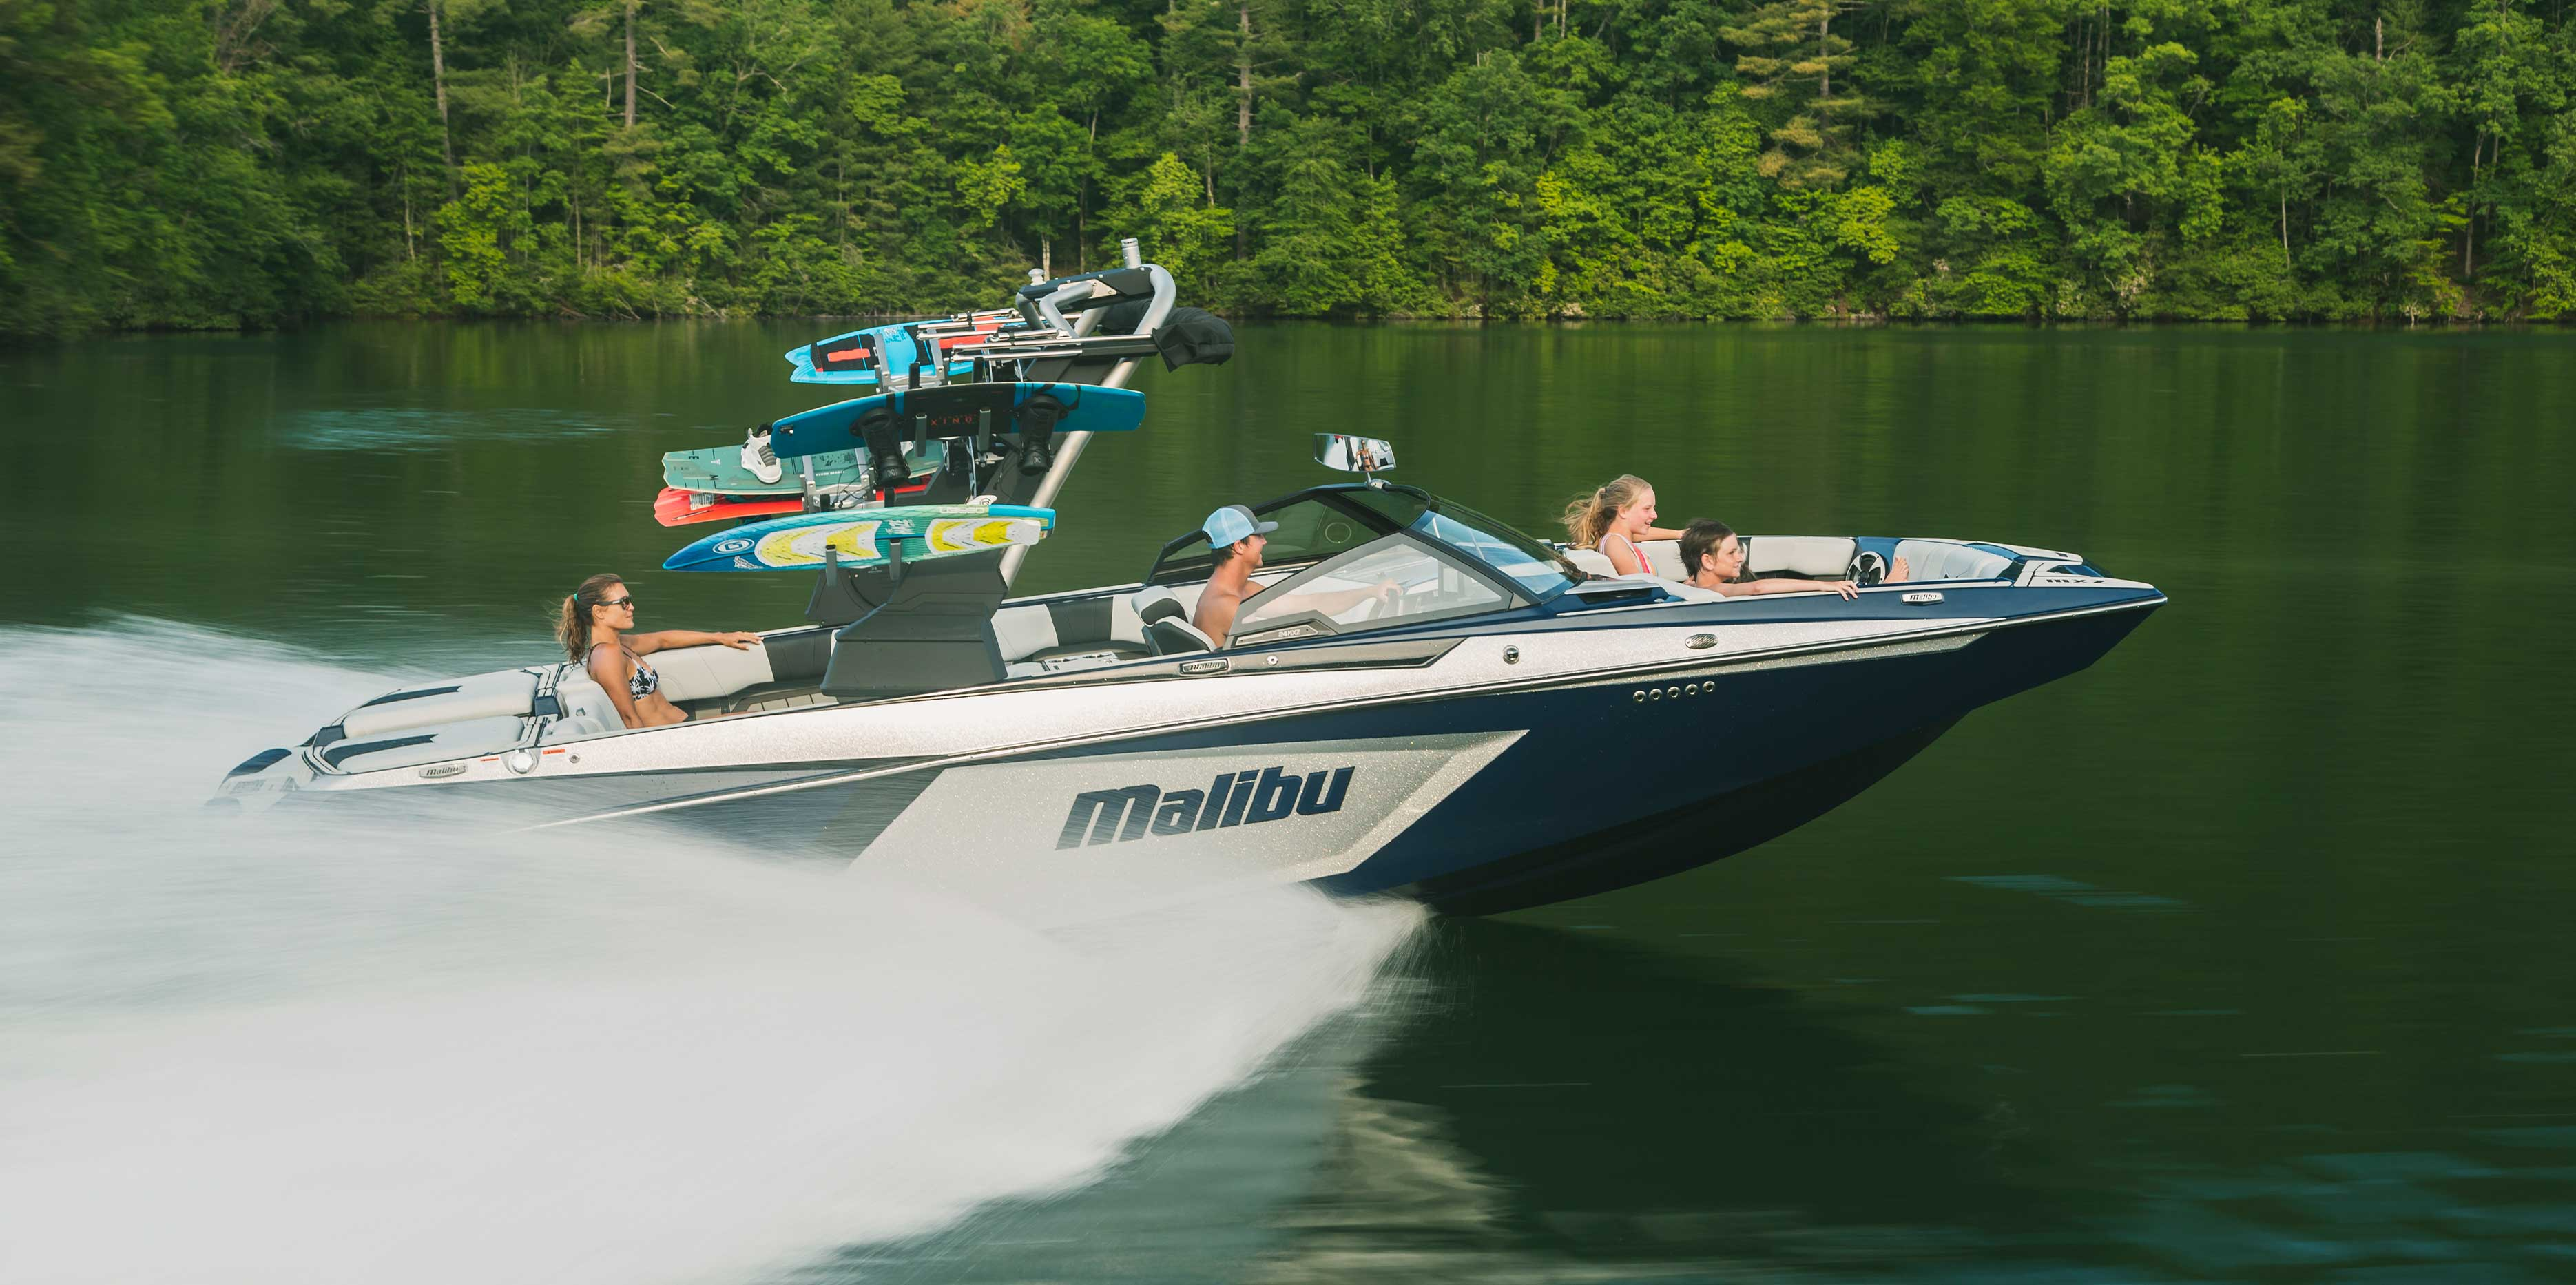 Malibu 24 MXZ cruising